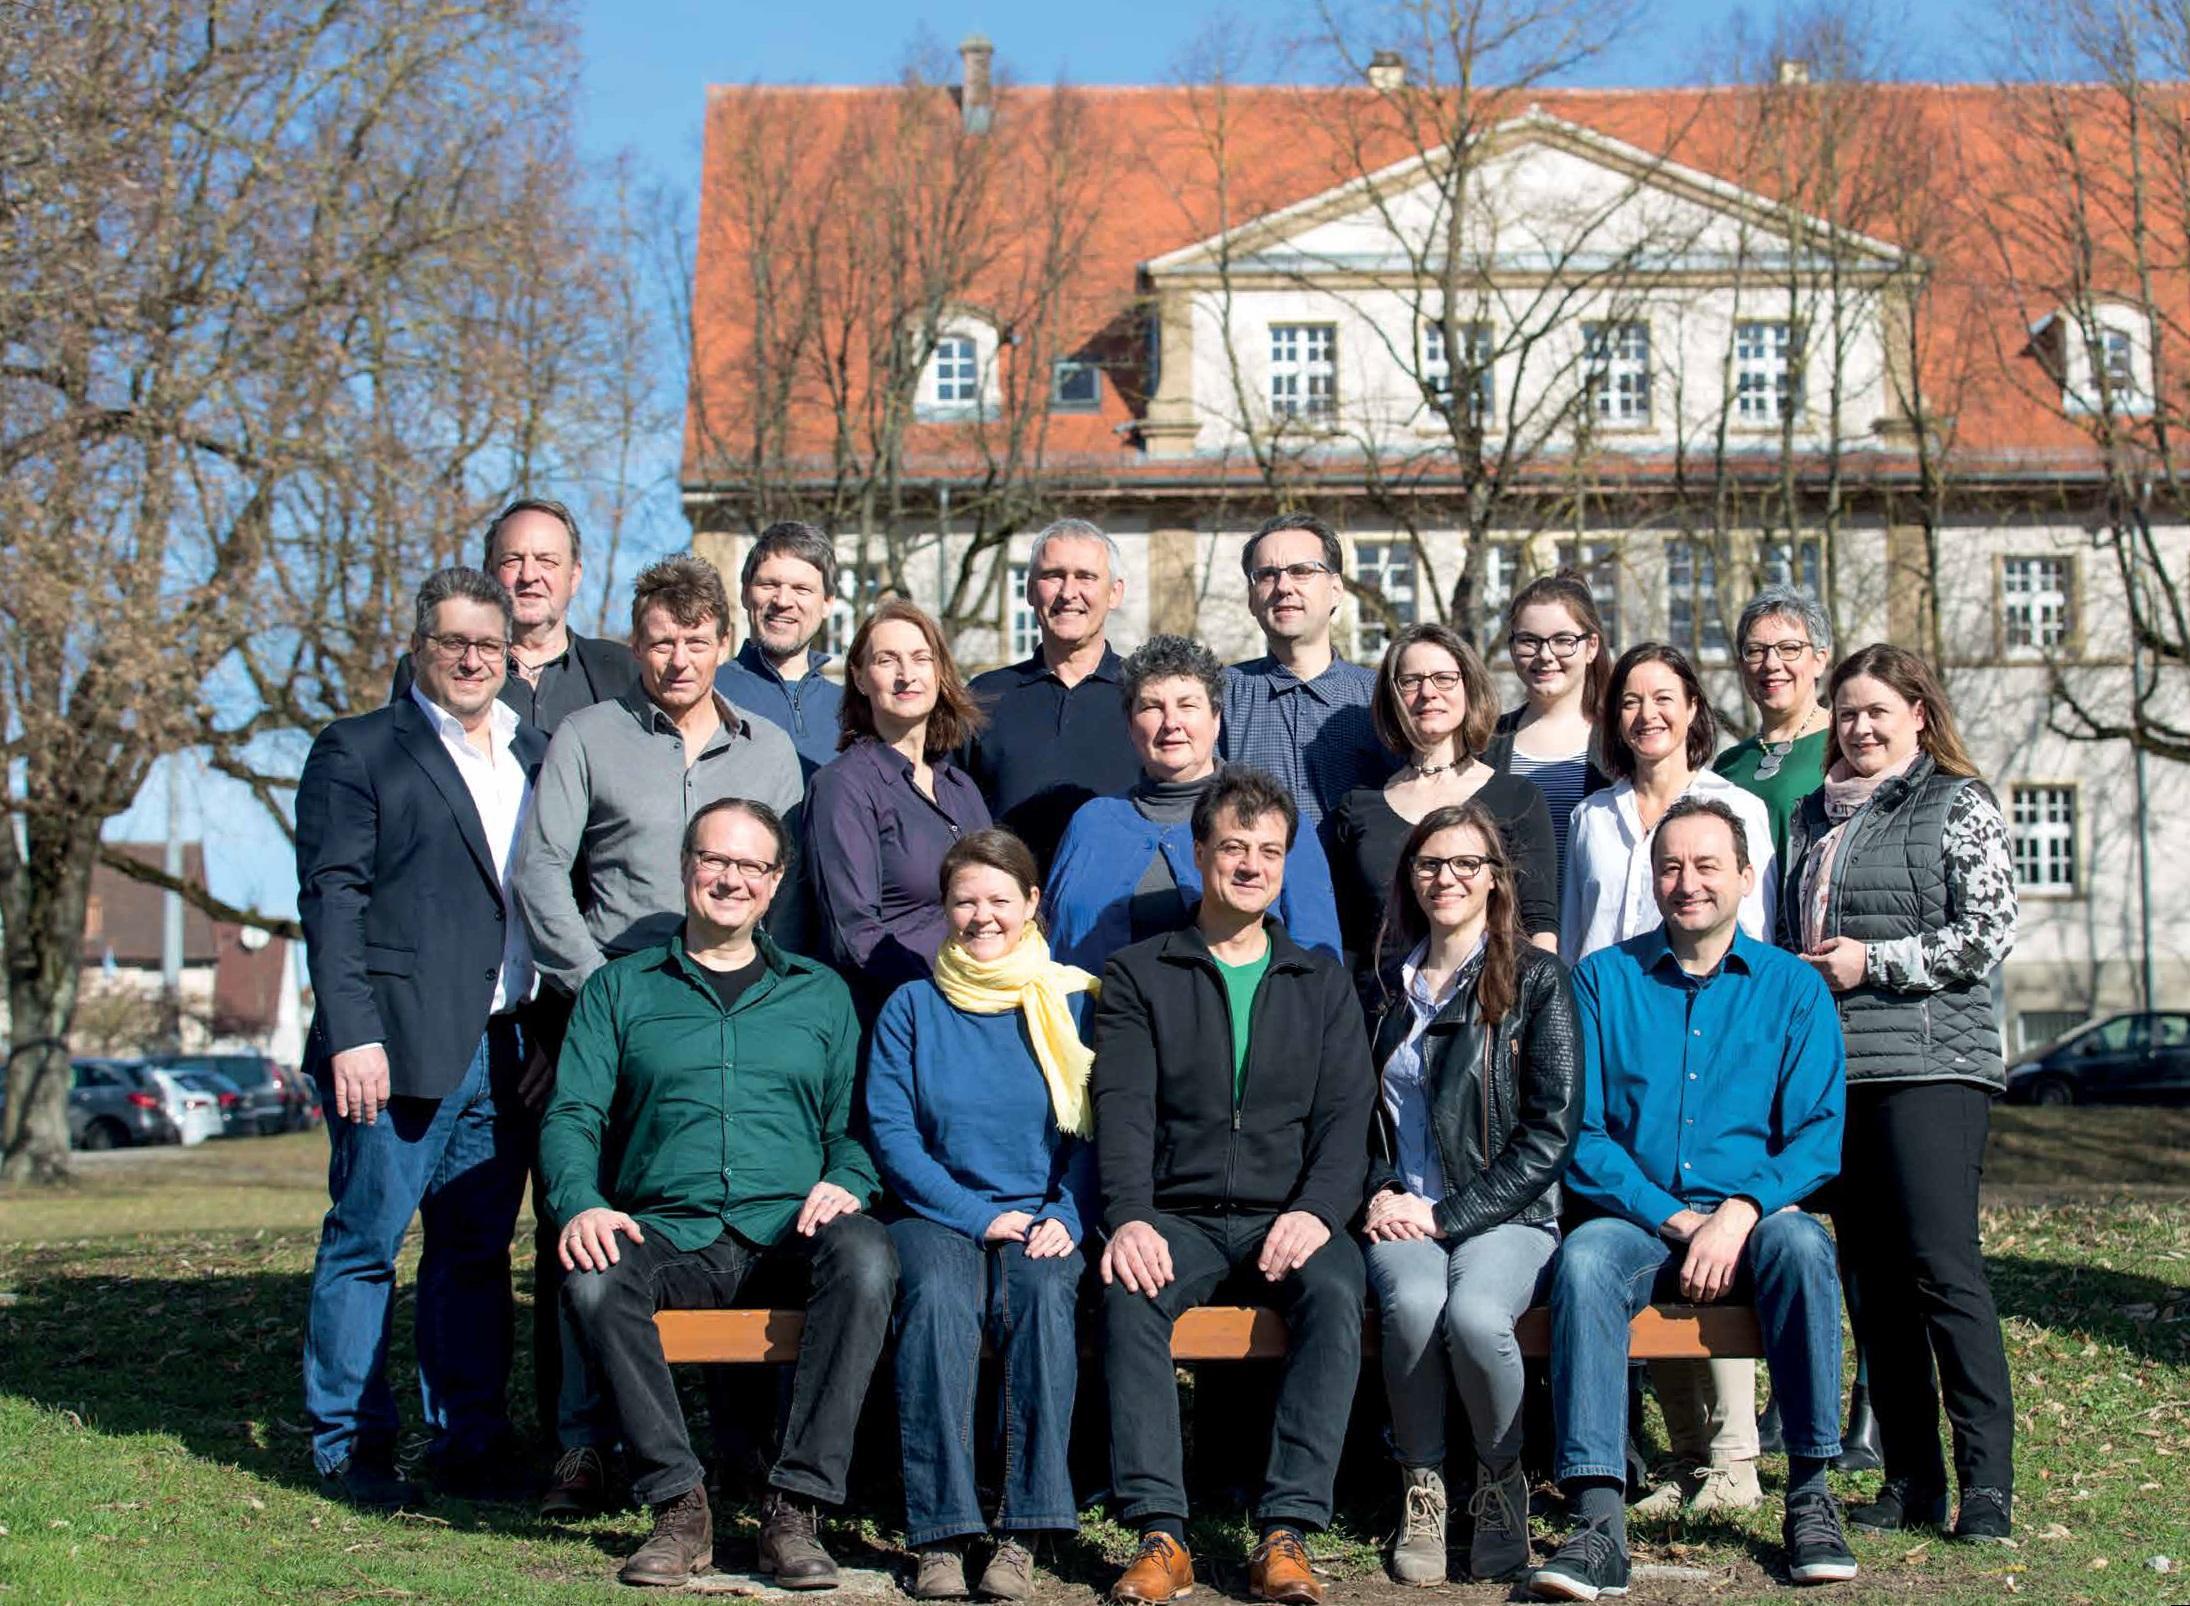 Vorstellung unserer Kandidatinnen und Kandidaten der Liste Bündnis 90/Die Grünen Ehningen